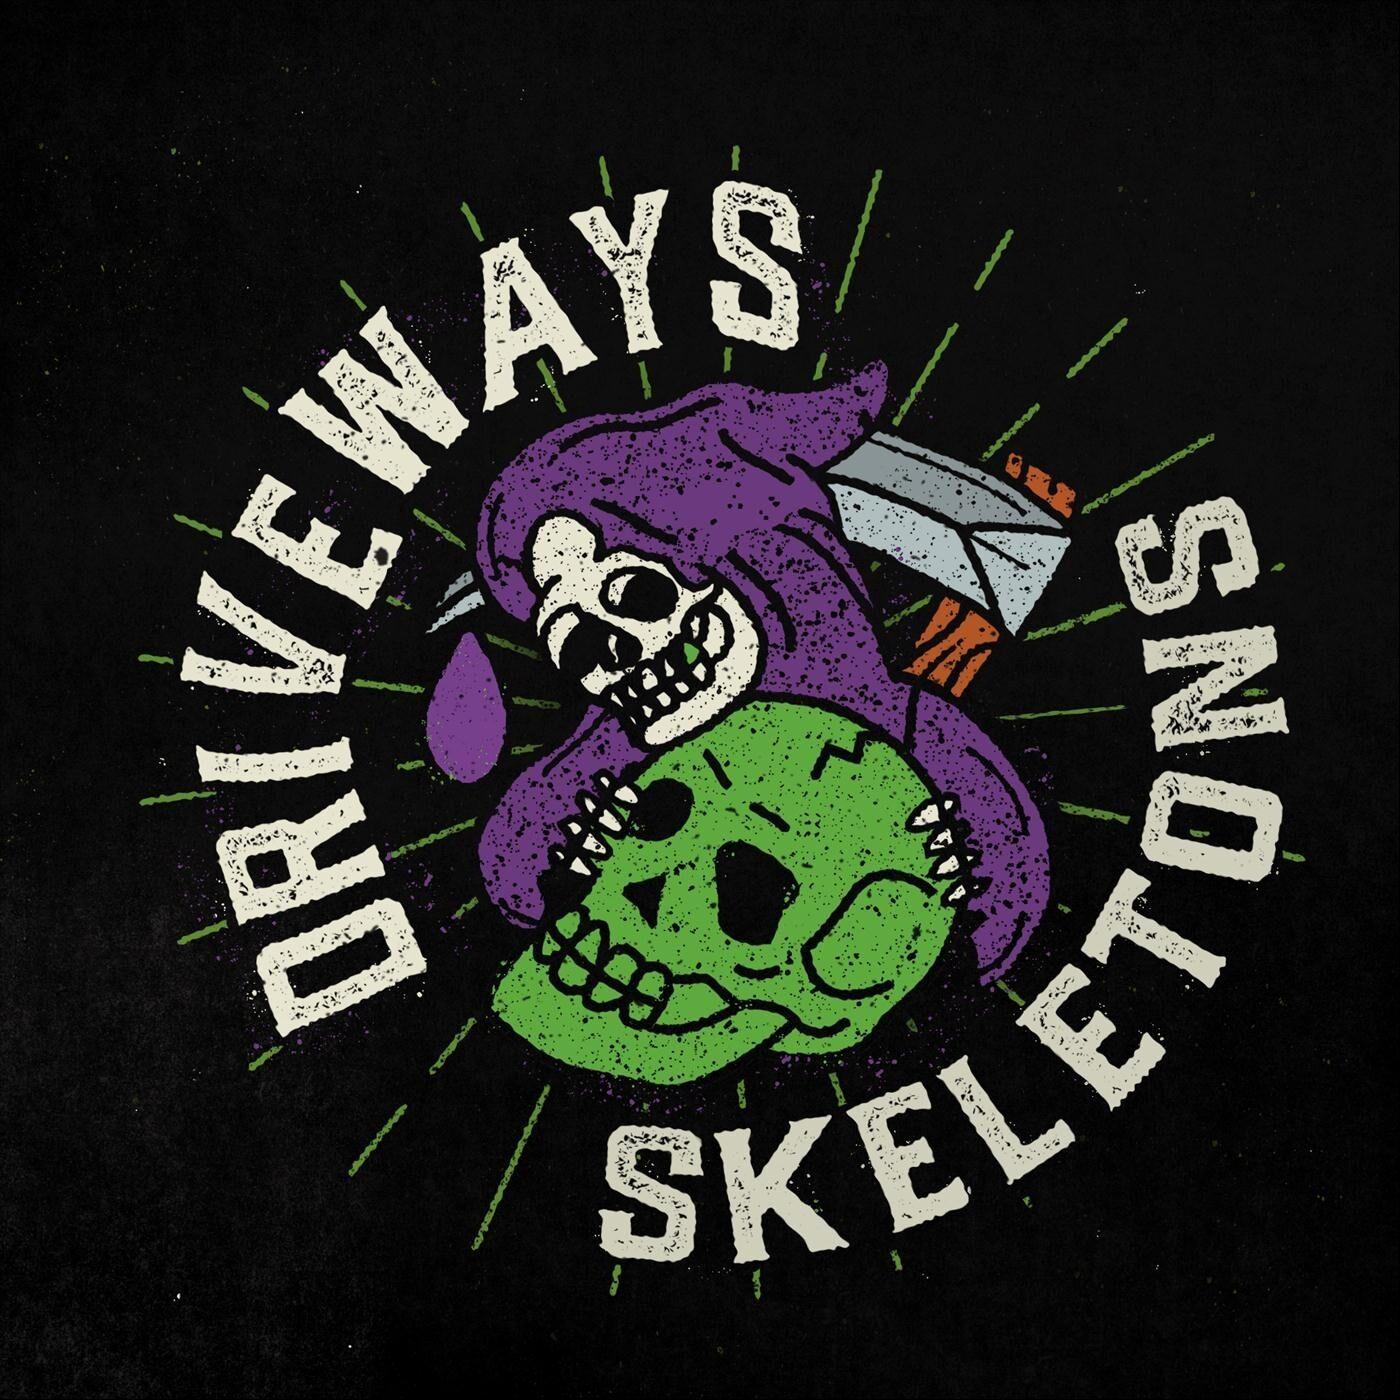 Driveways - Skeletons [EP] (2019)